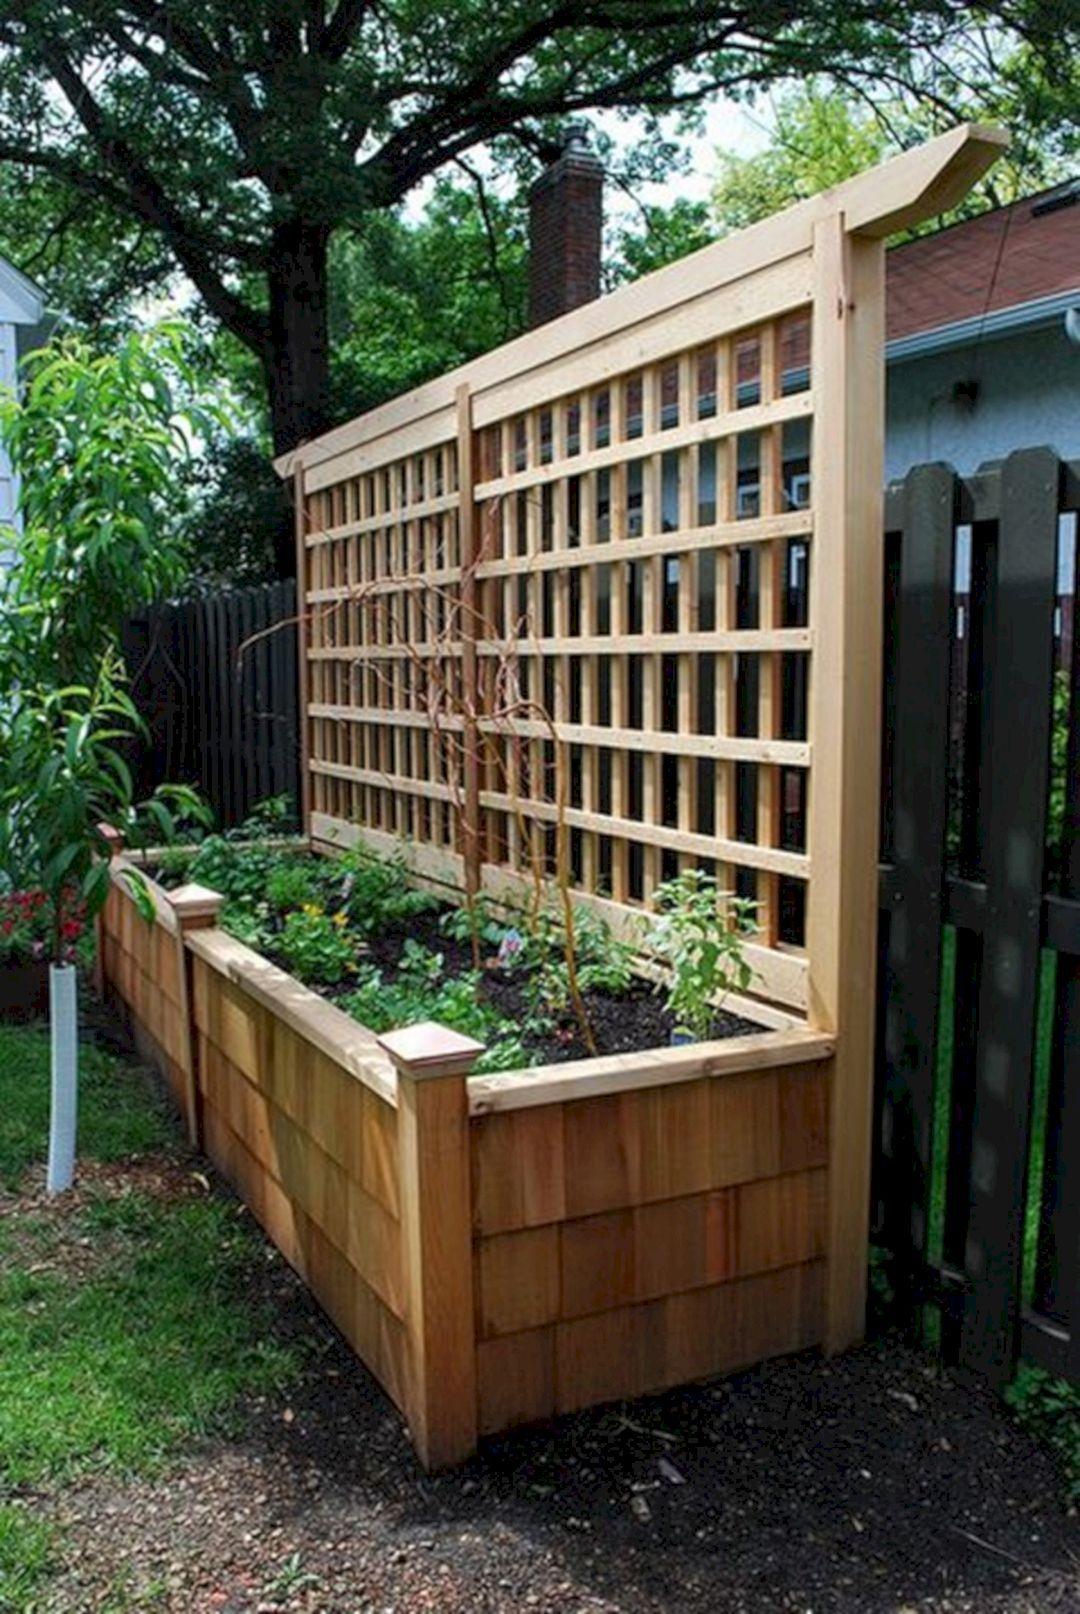 Wall Planter Design Ideas 11 In 2020 Diy Raised Garden Garden